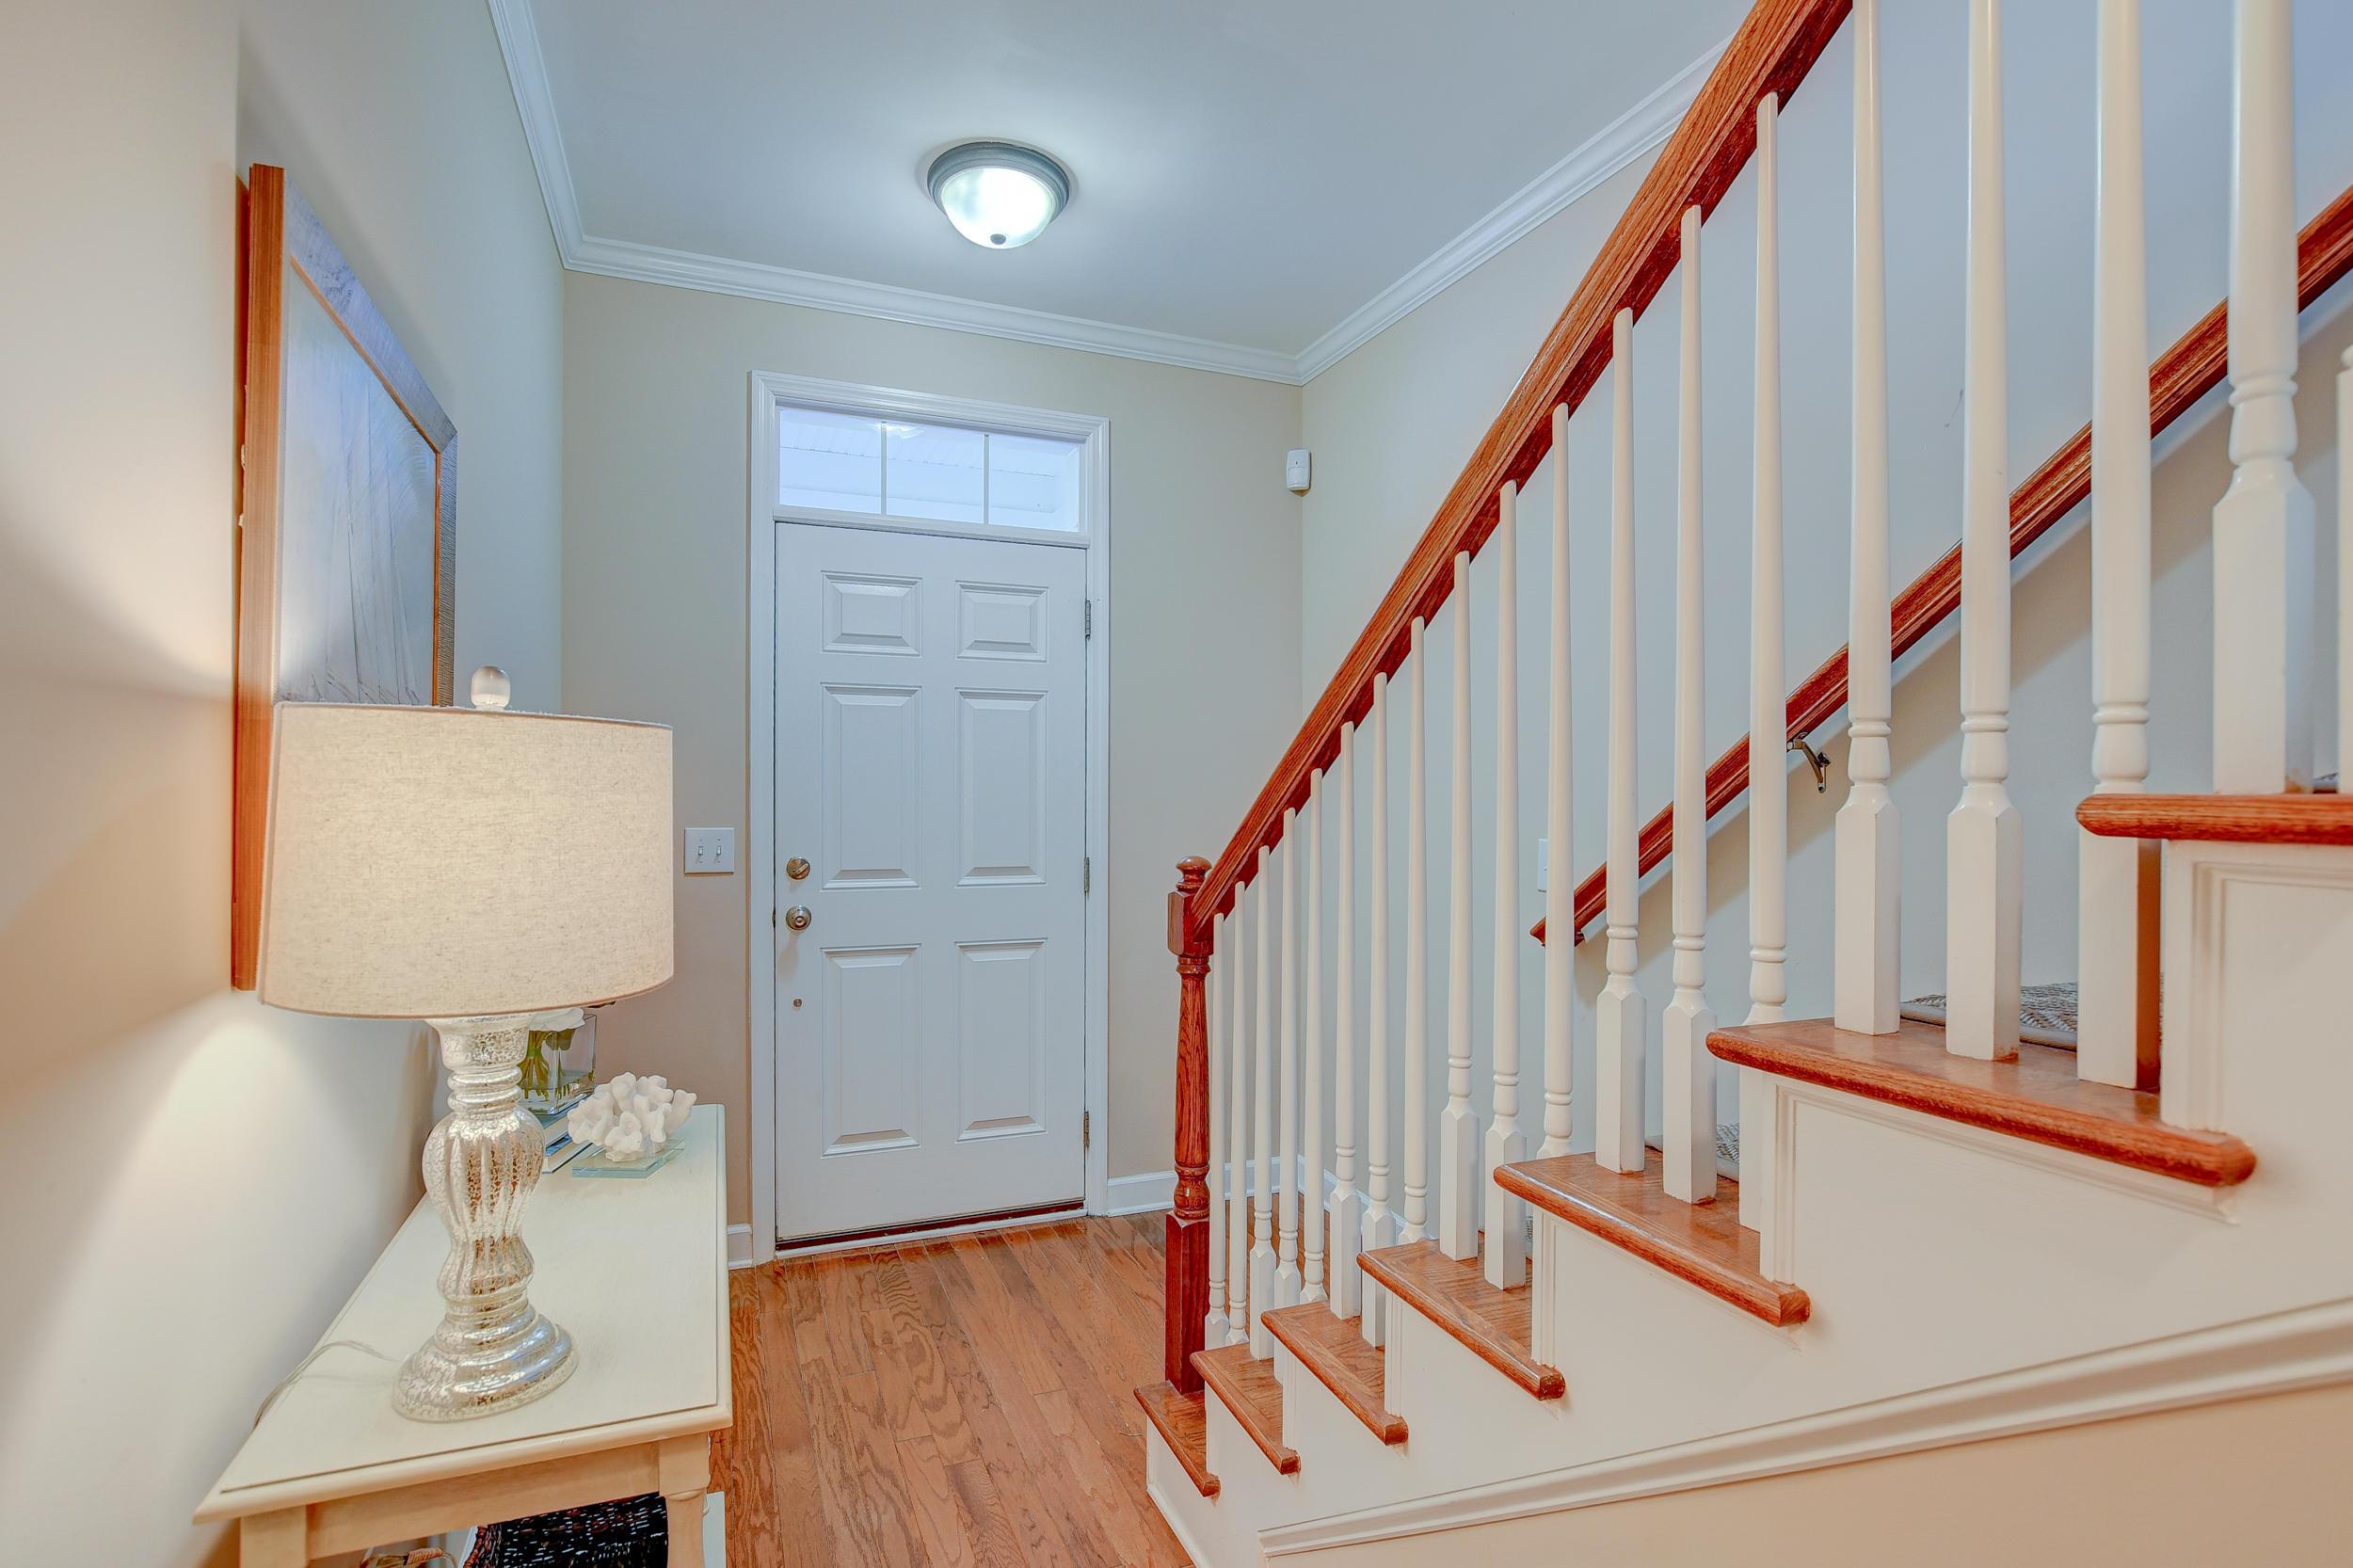 Dunes West Homes For Sale - 264 Fair Sailing, Mount Pleasant, SC - 31